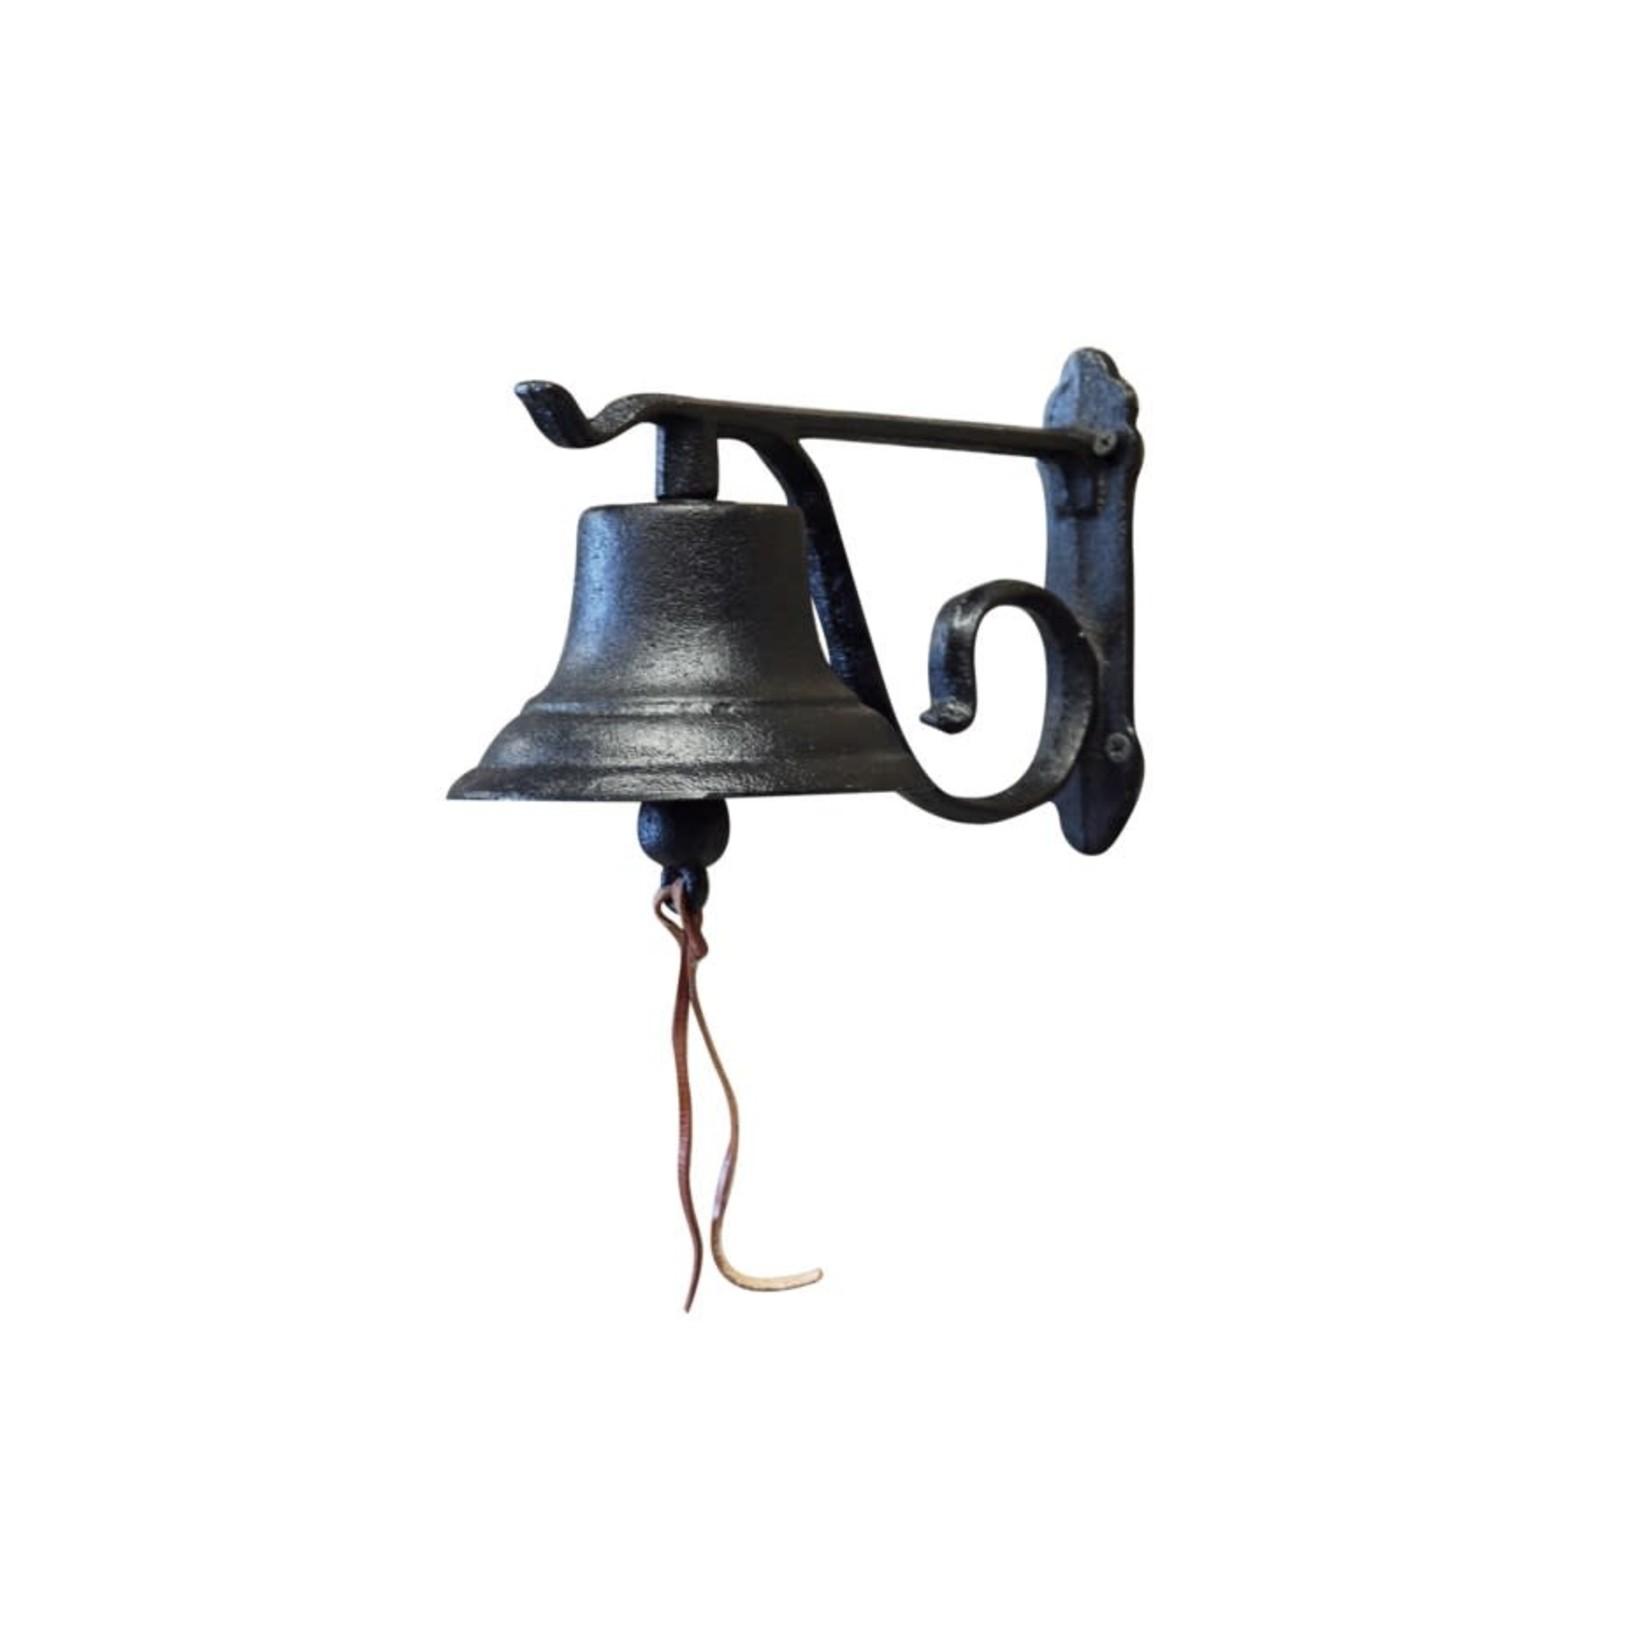 Doorbell - Small Black